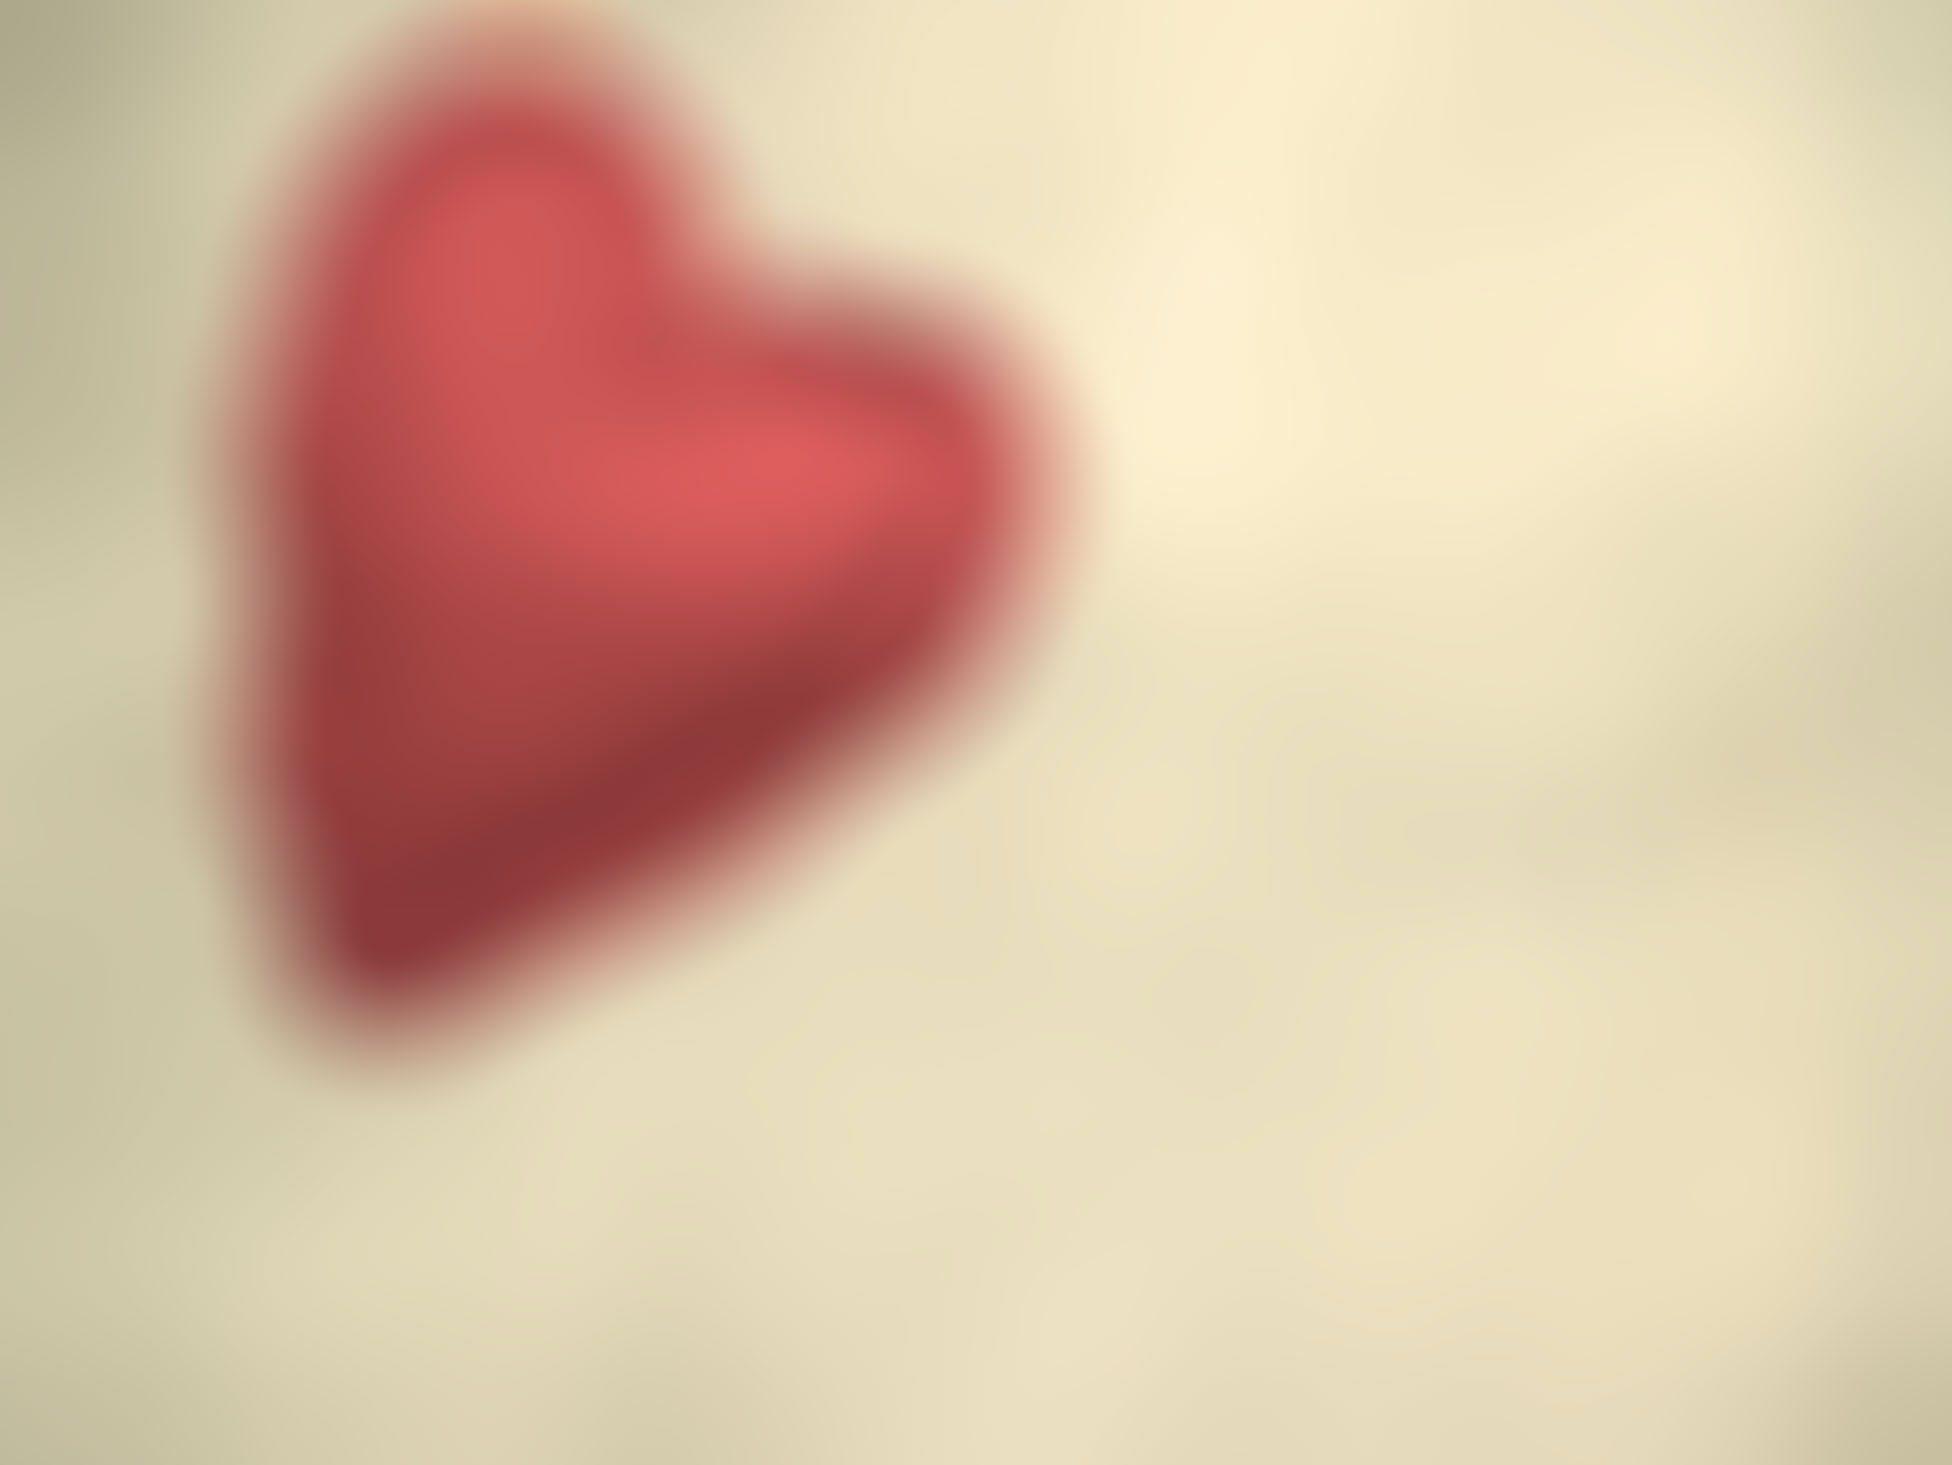 Gratis lagerfoto af hjerte, Kærlighed